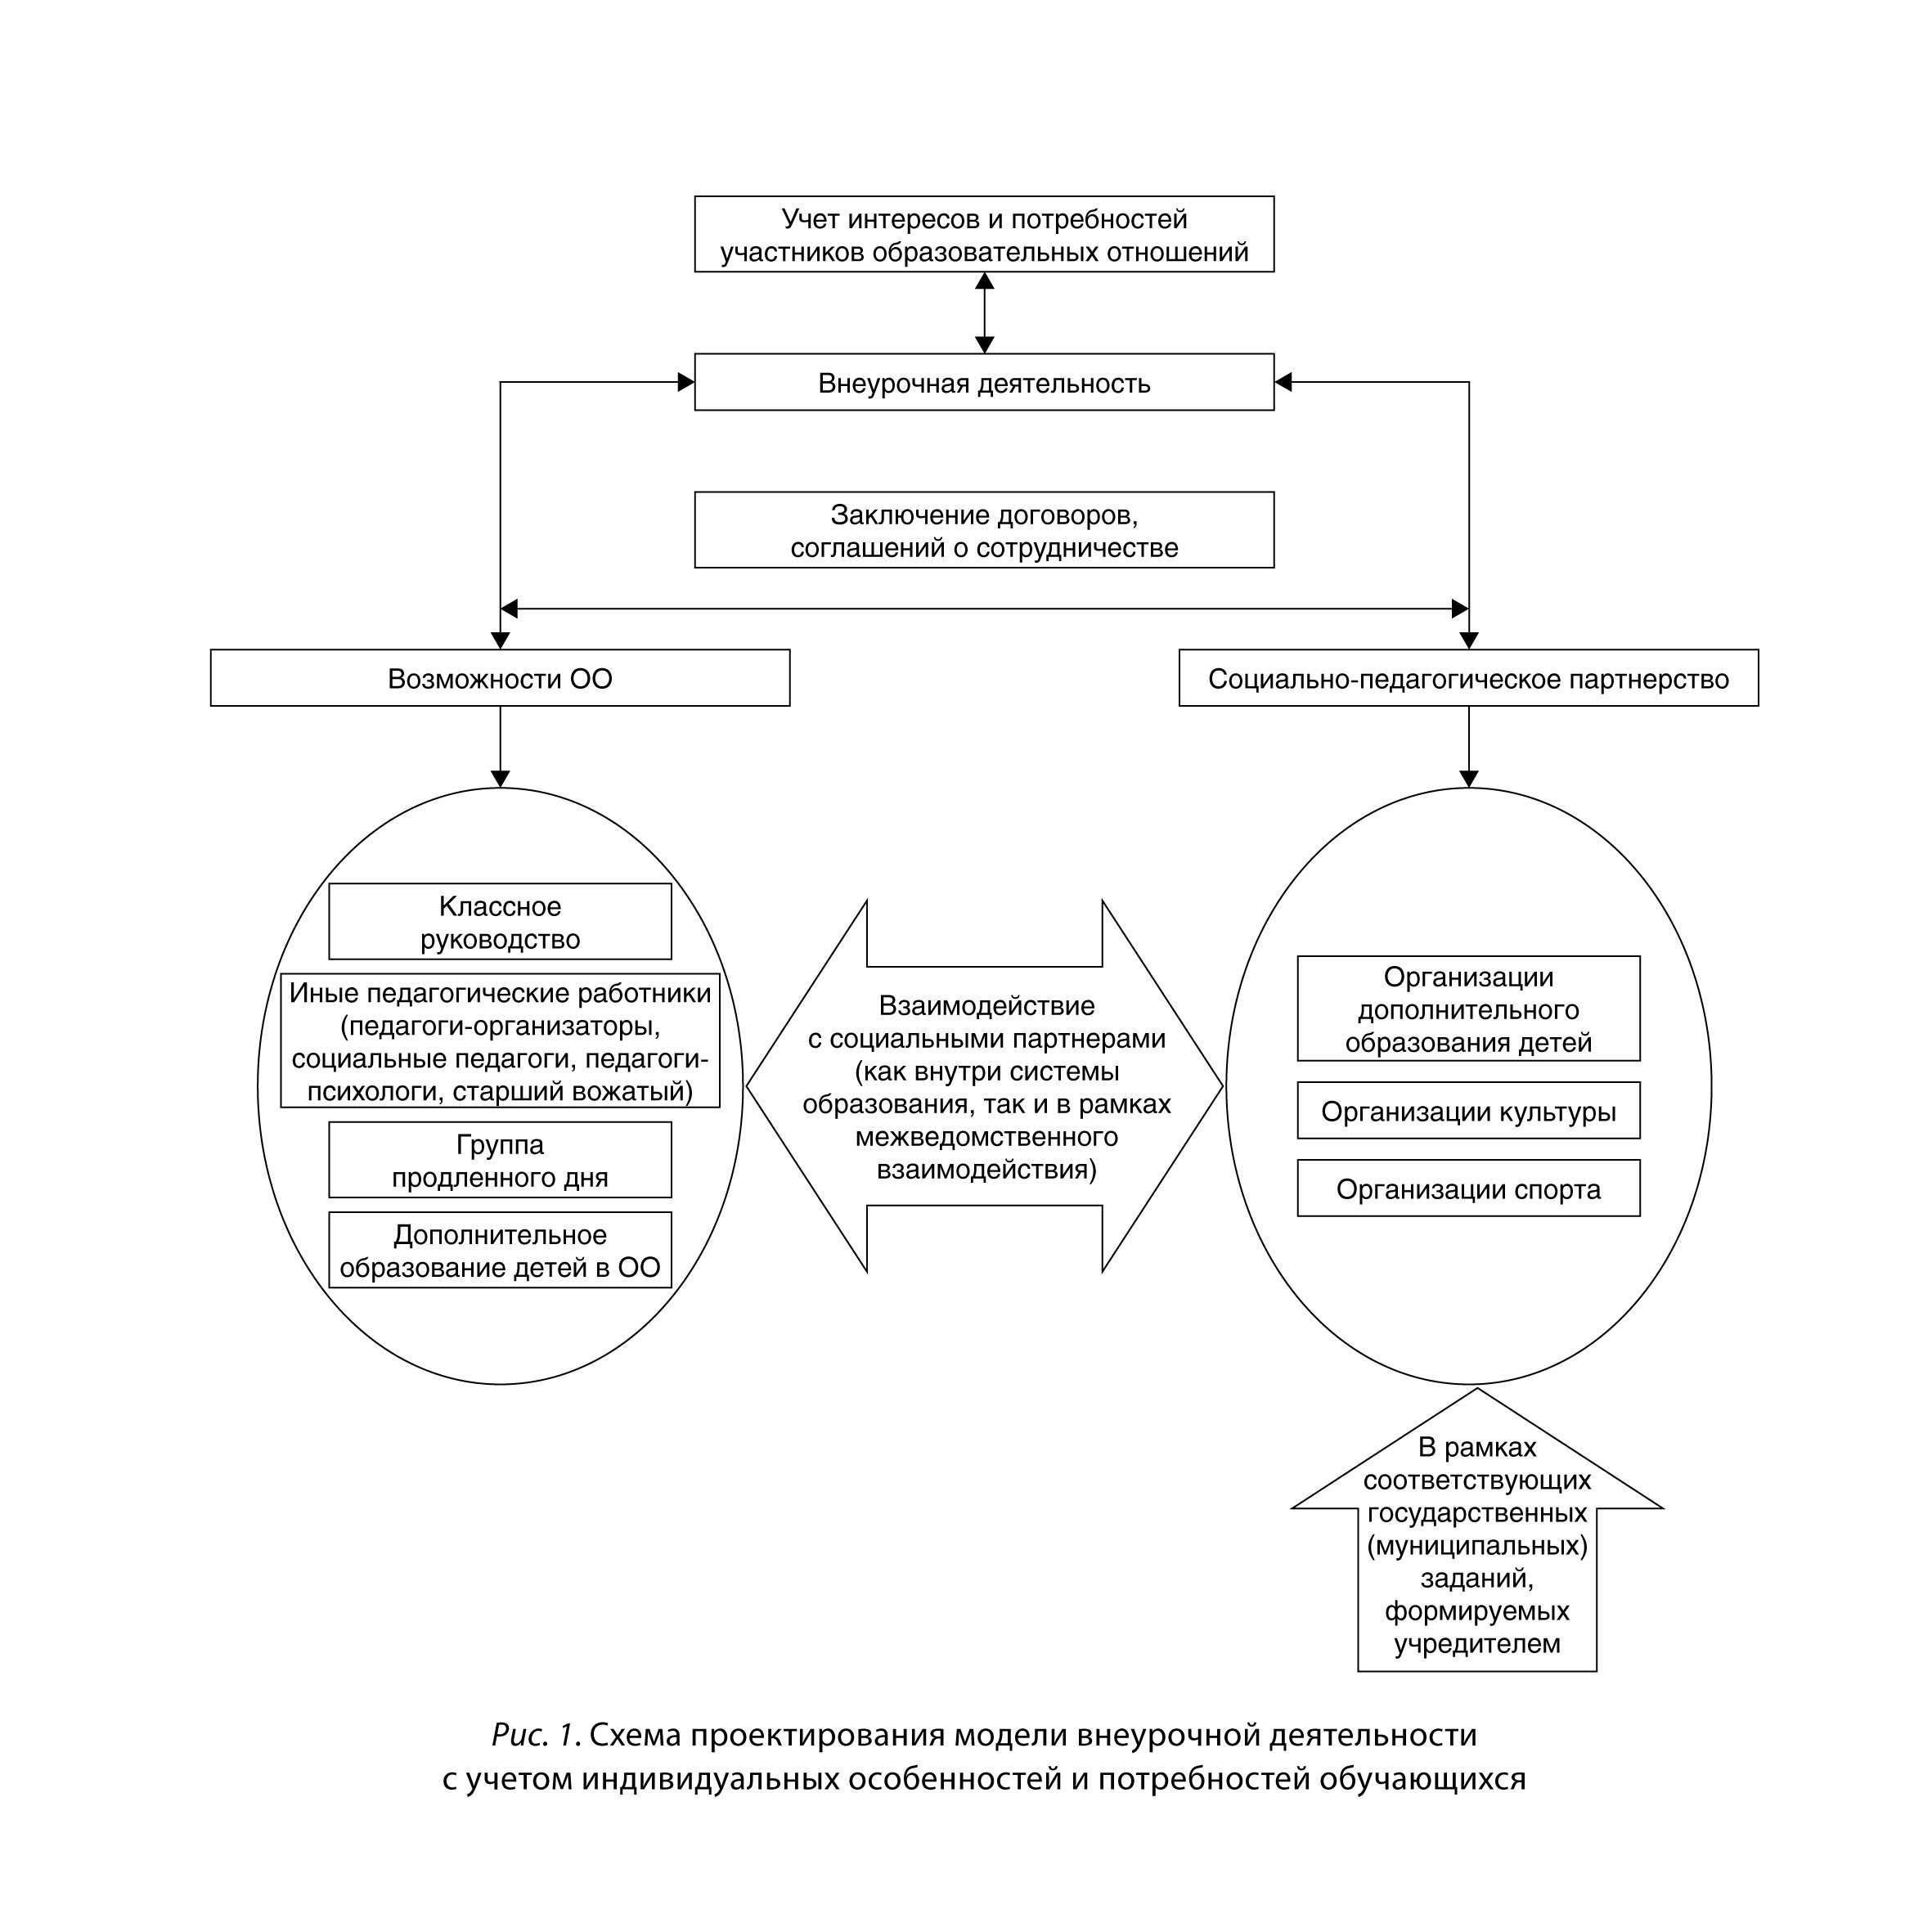 схема анализа уроков в начальной школе по фгос